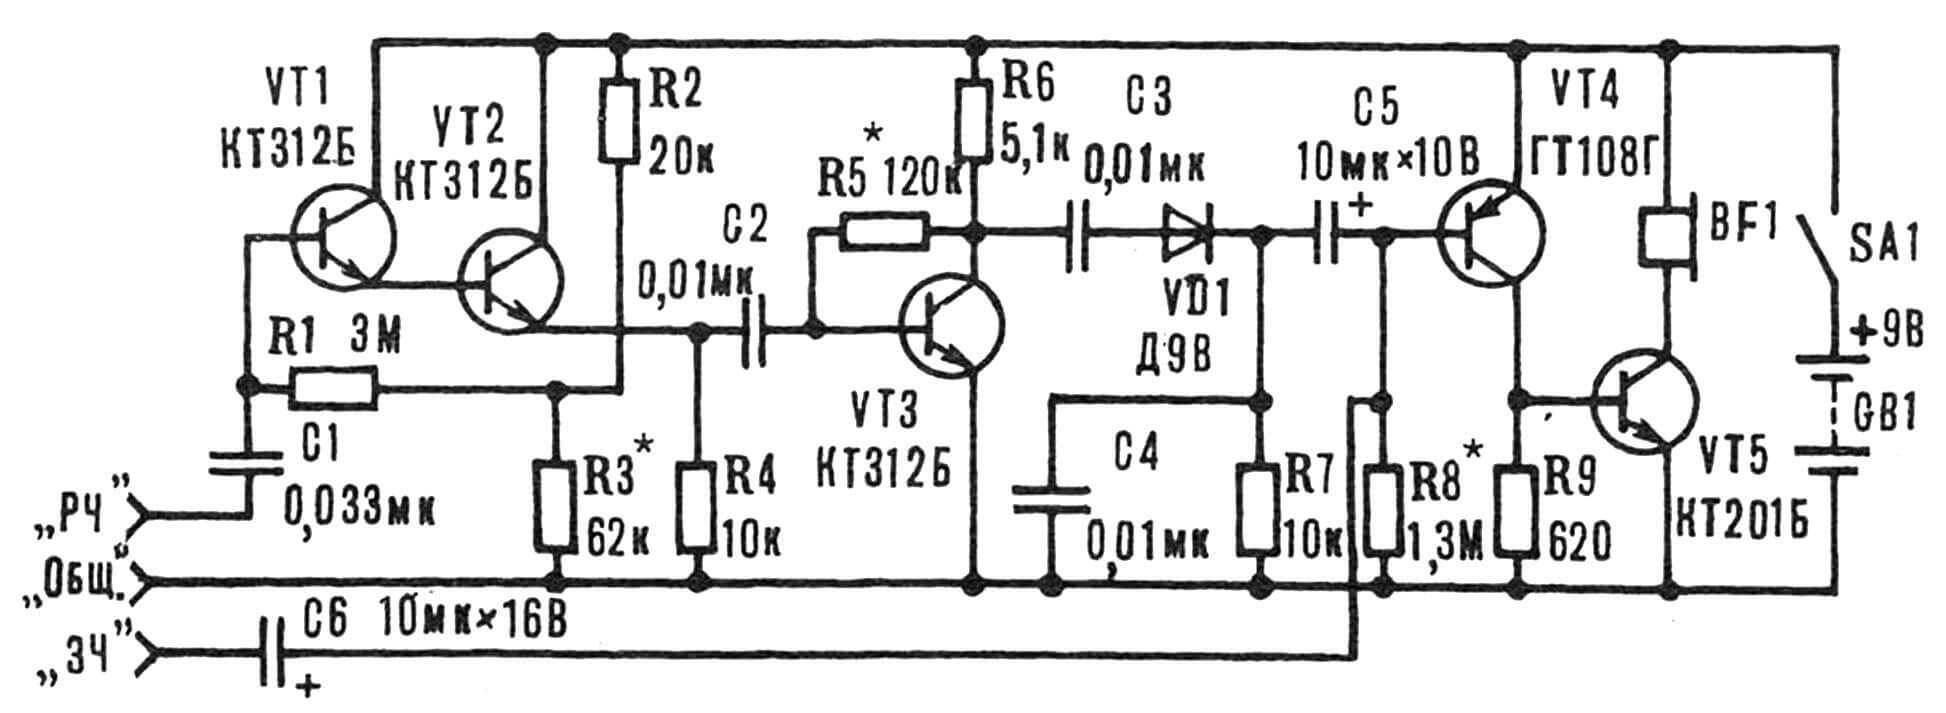 Рис. 1. Принципиальная электрическая схема радиопробника.